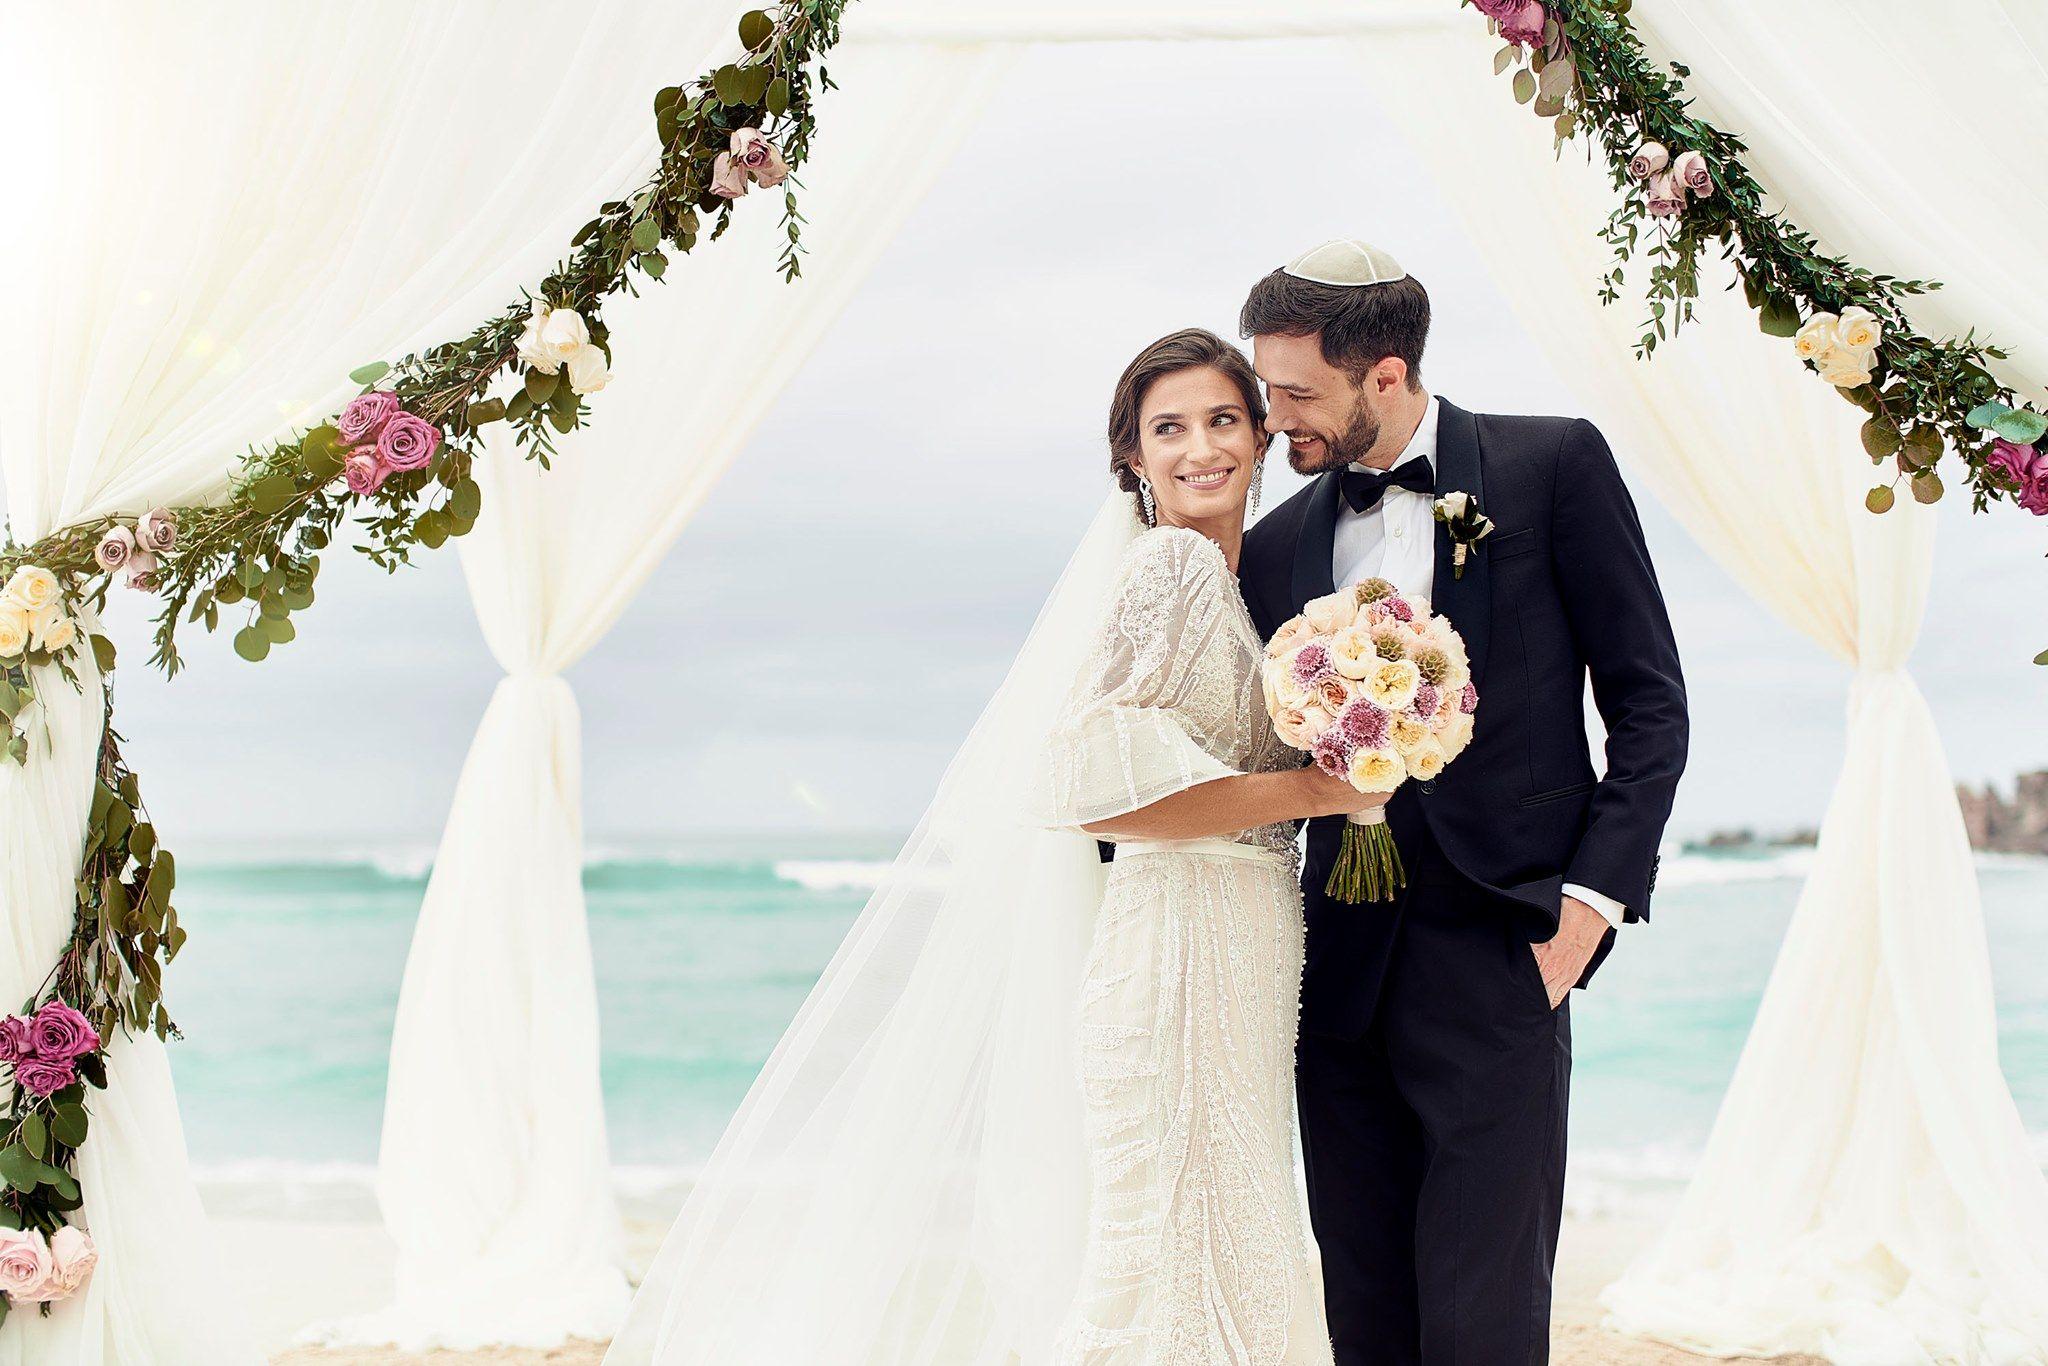 requisitos-para-casarse-en-nicaragua